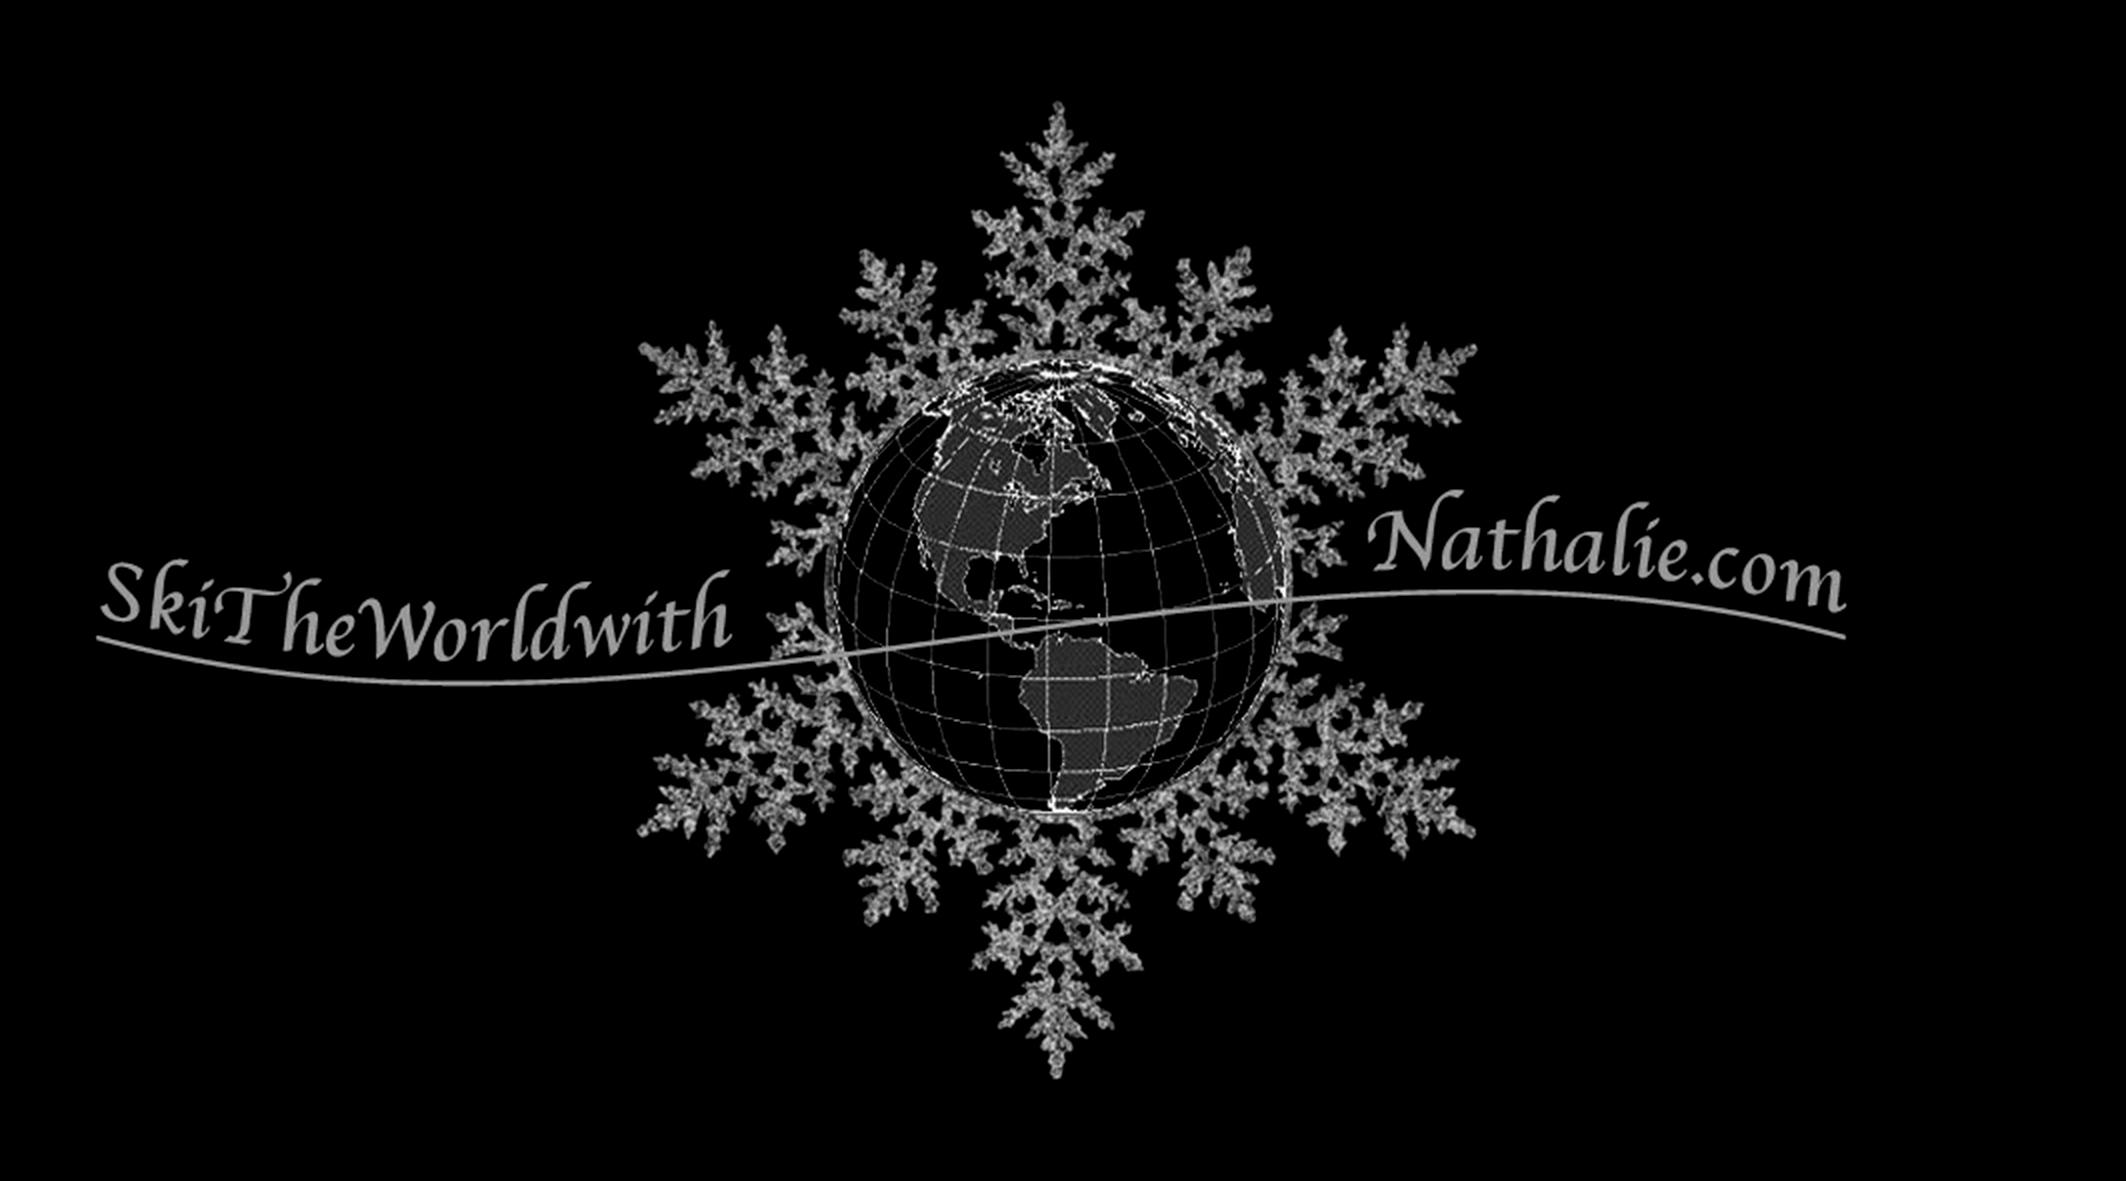 skitheworldwithnathalie